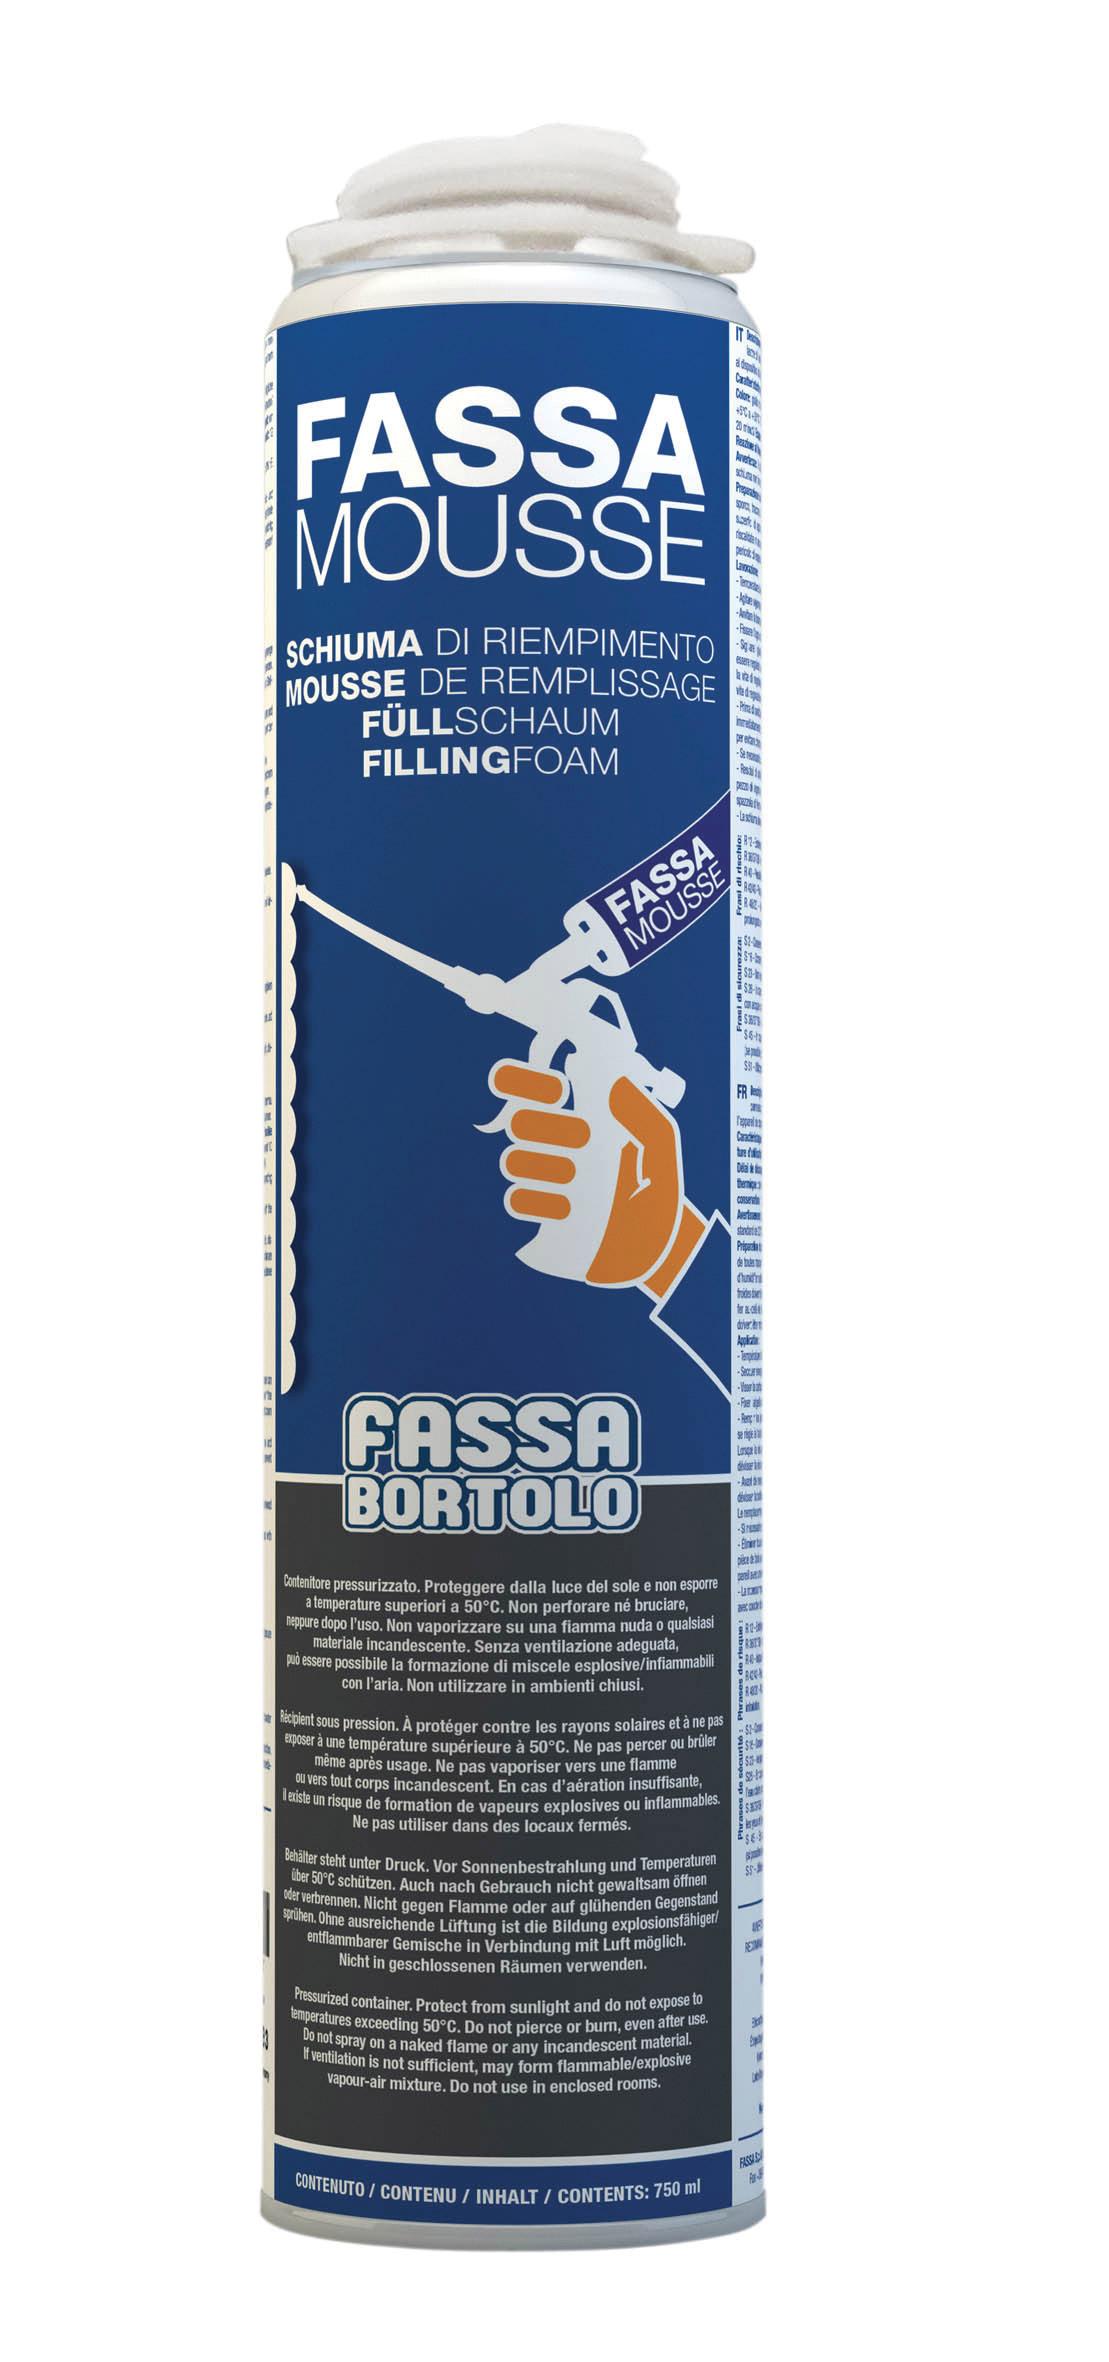 FASSA MOUSSE: Schiuma per la sigillatura dei giunti (0-4 mm) tra le lastre di isolamento termico